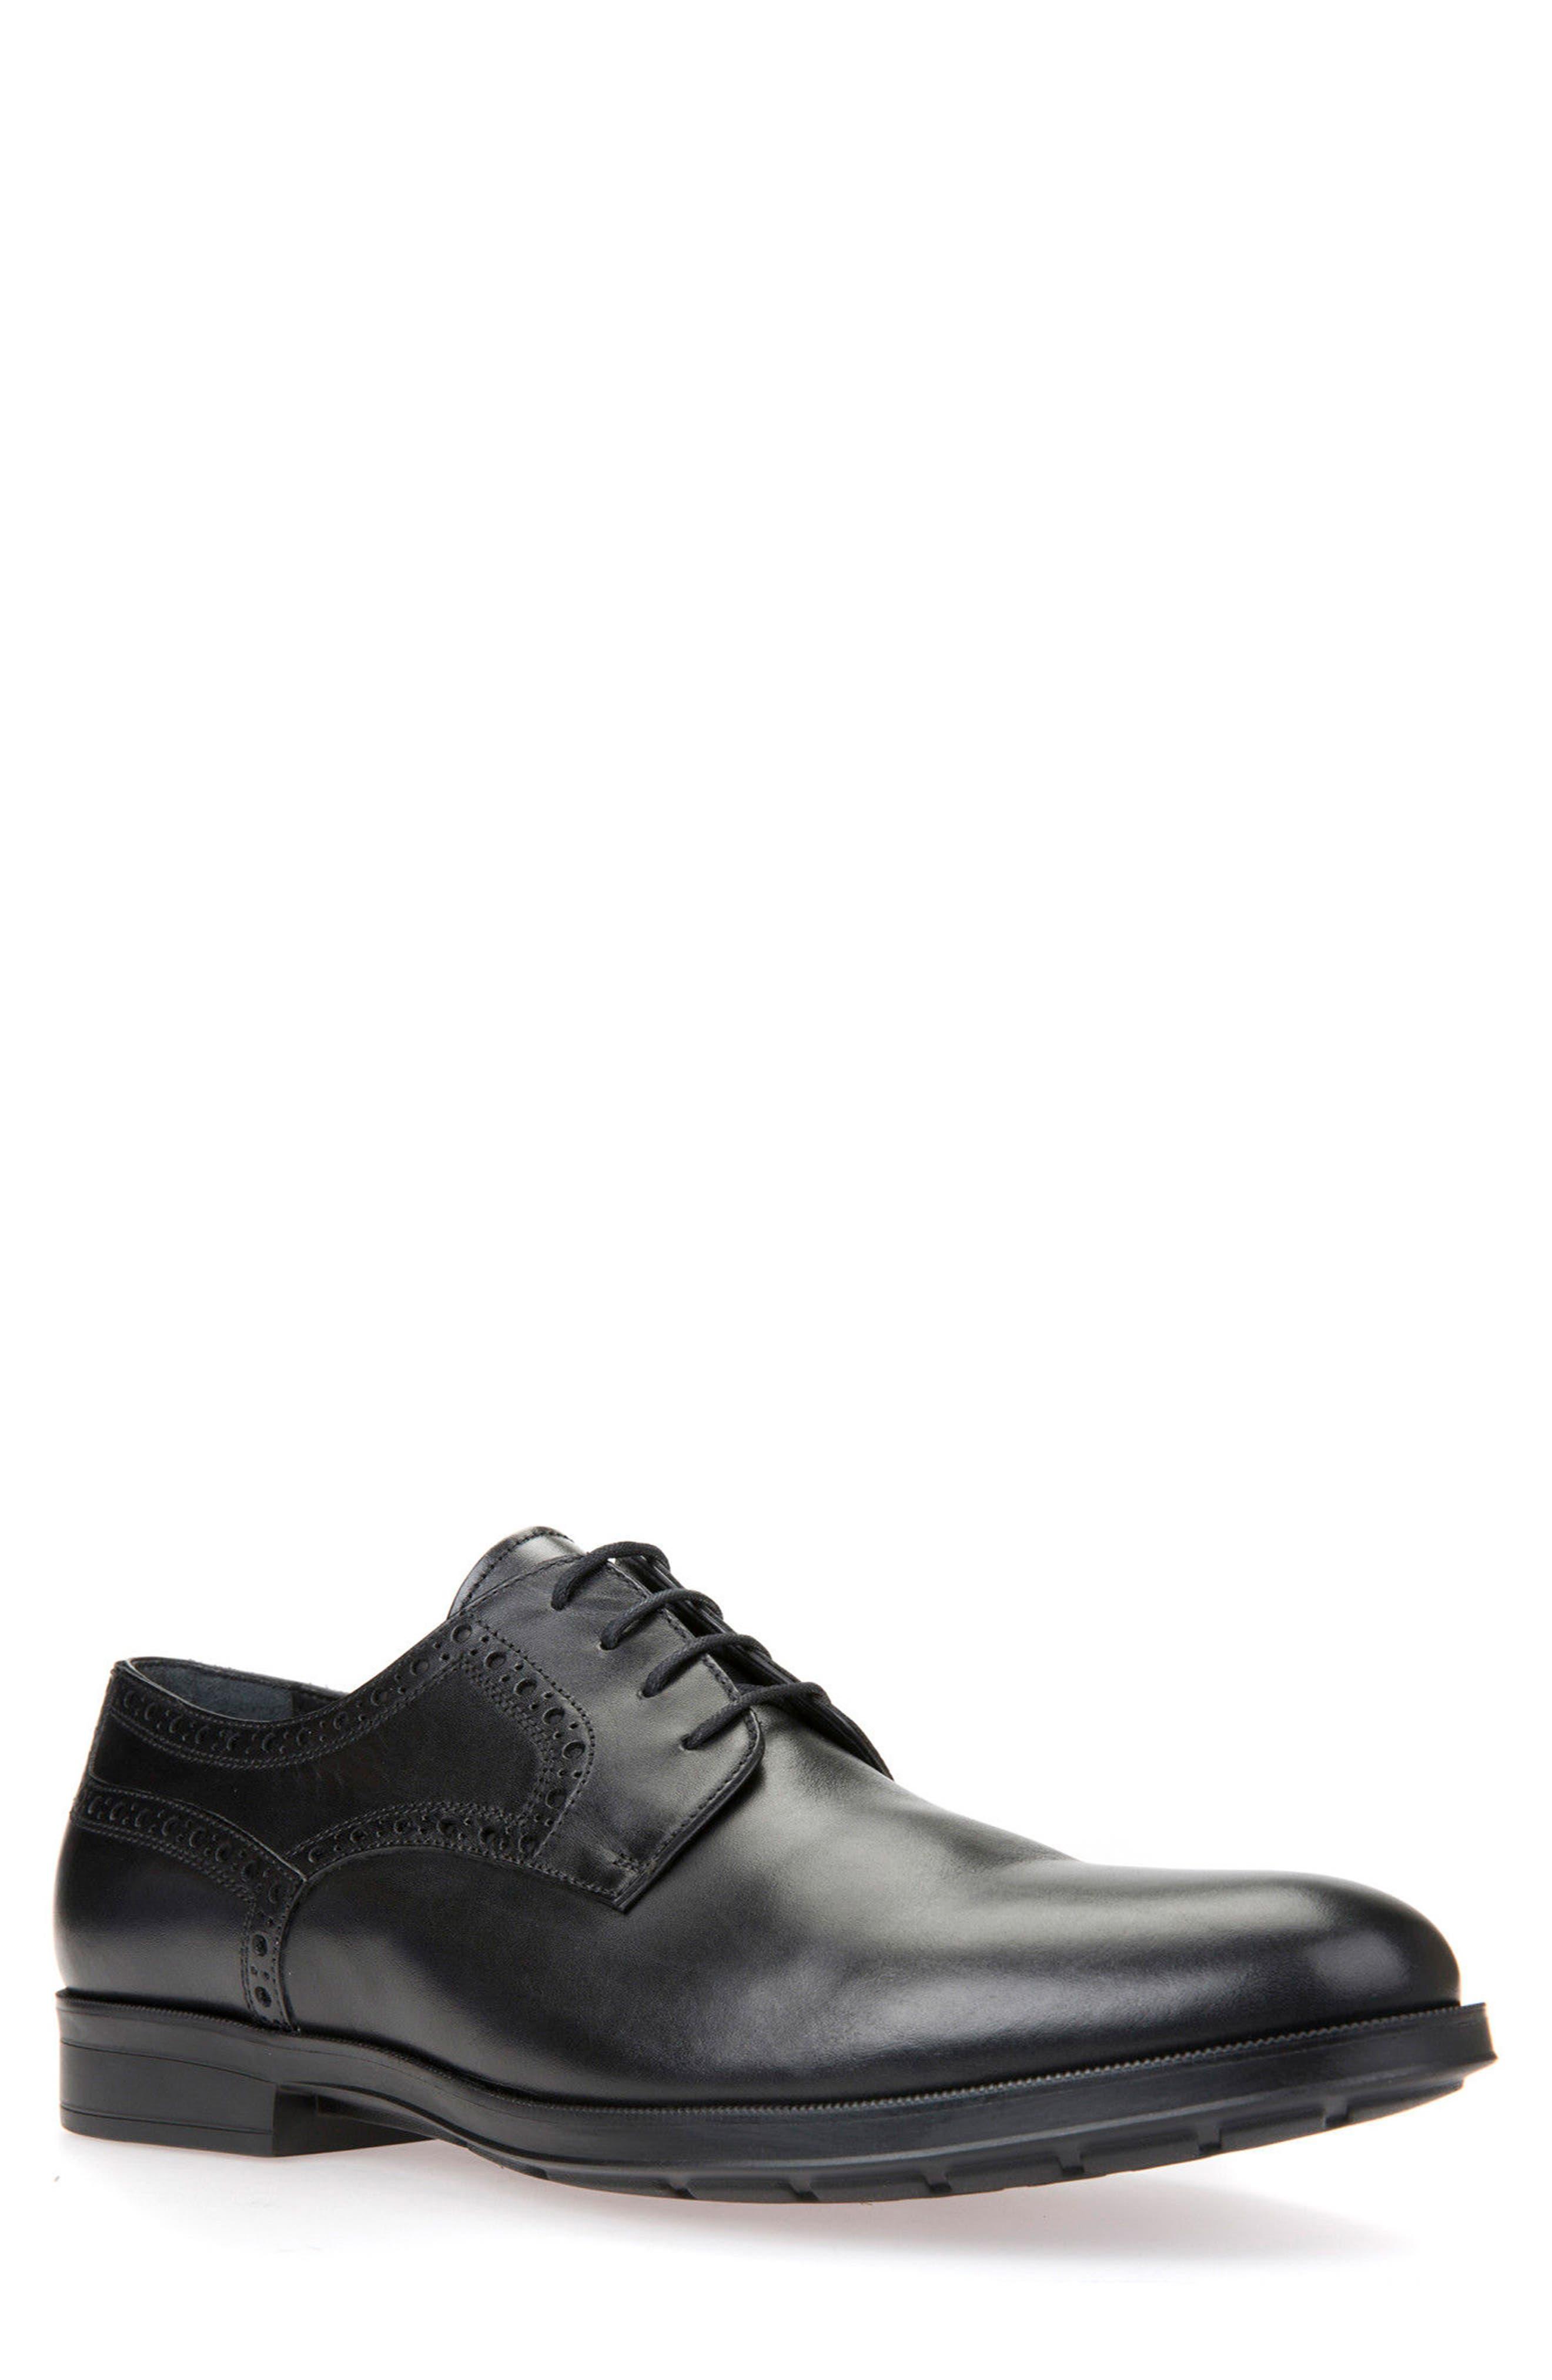 Geox Men's Hilstone 3 Plain Toe Derby R2SrMM0k